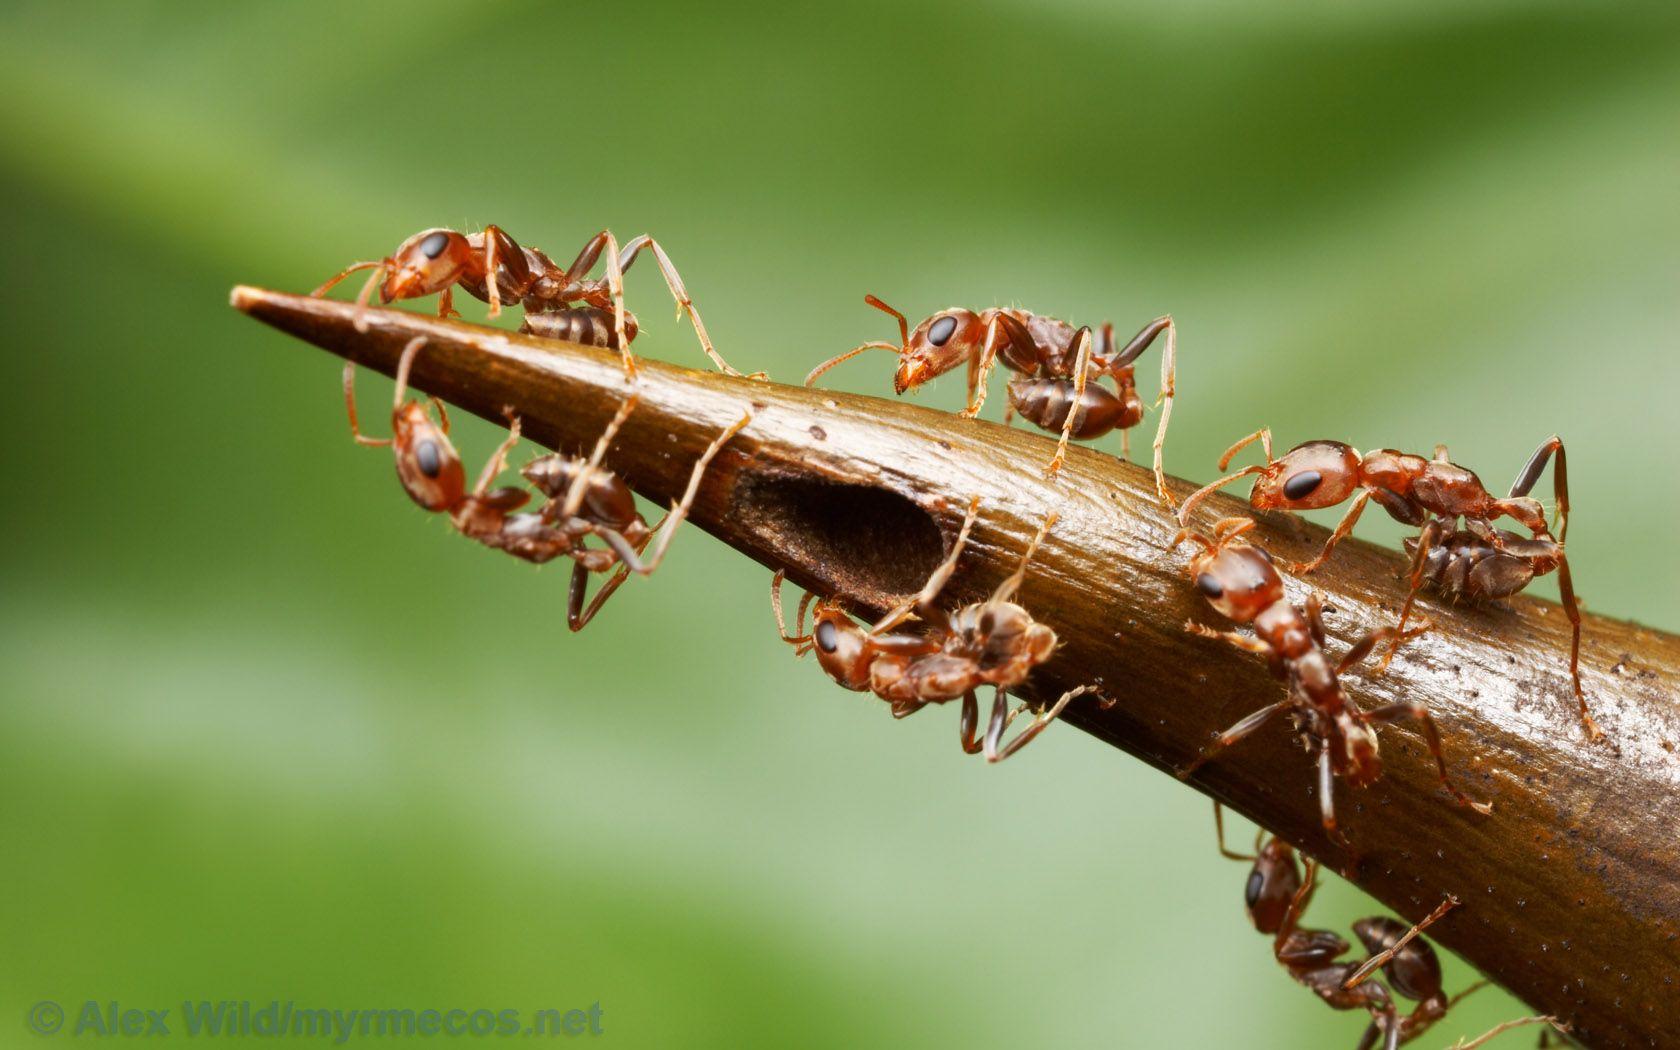 pheidole drogon. the spiny back of pheidole drogon reminded